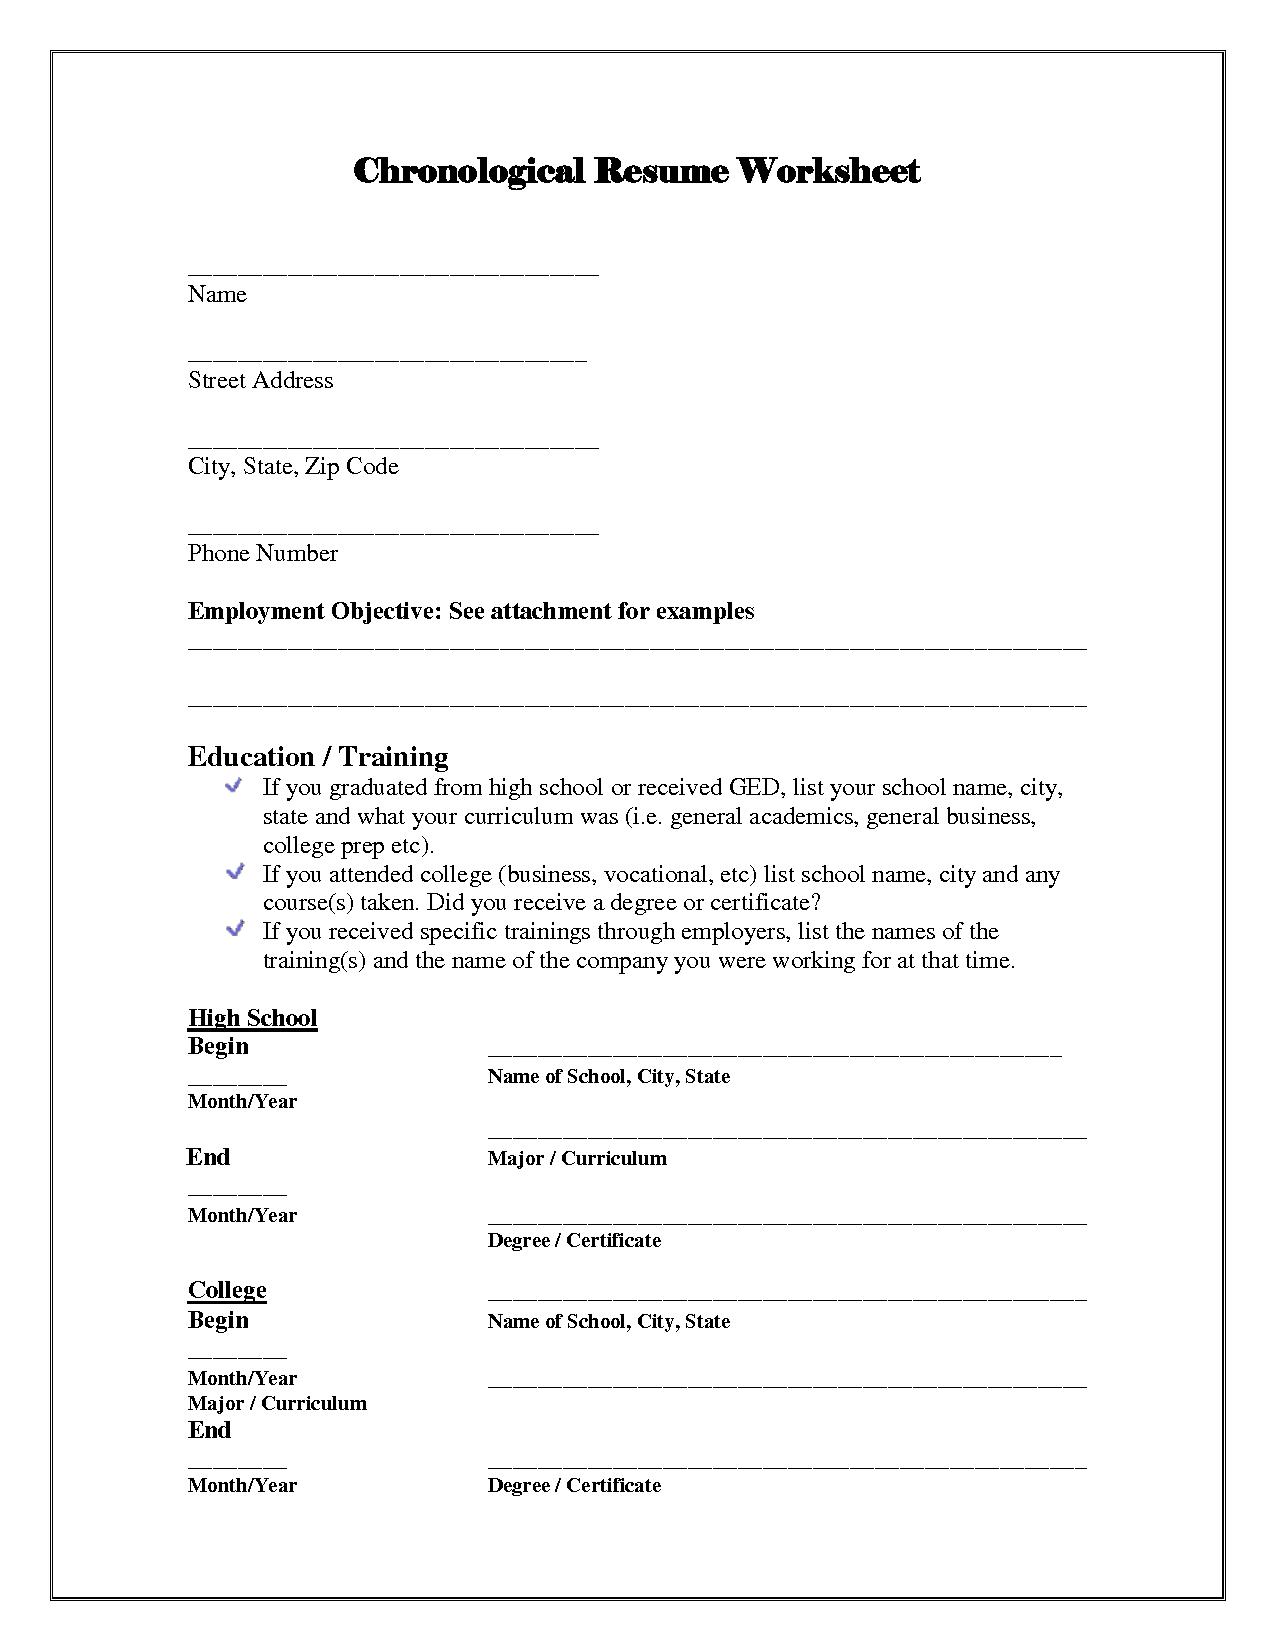 13 Best Images Of Simple Resume Worksheet College Brag Sheet Template Image Result For Resume Template Resume Simple Resume Basic Resume